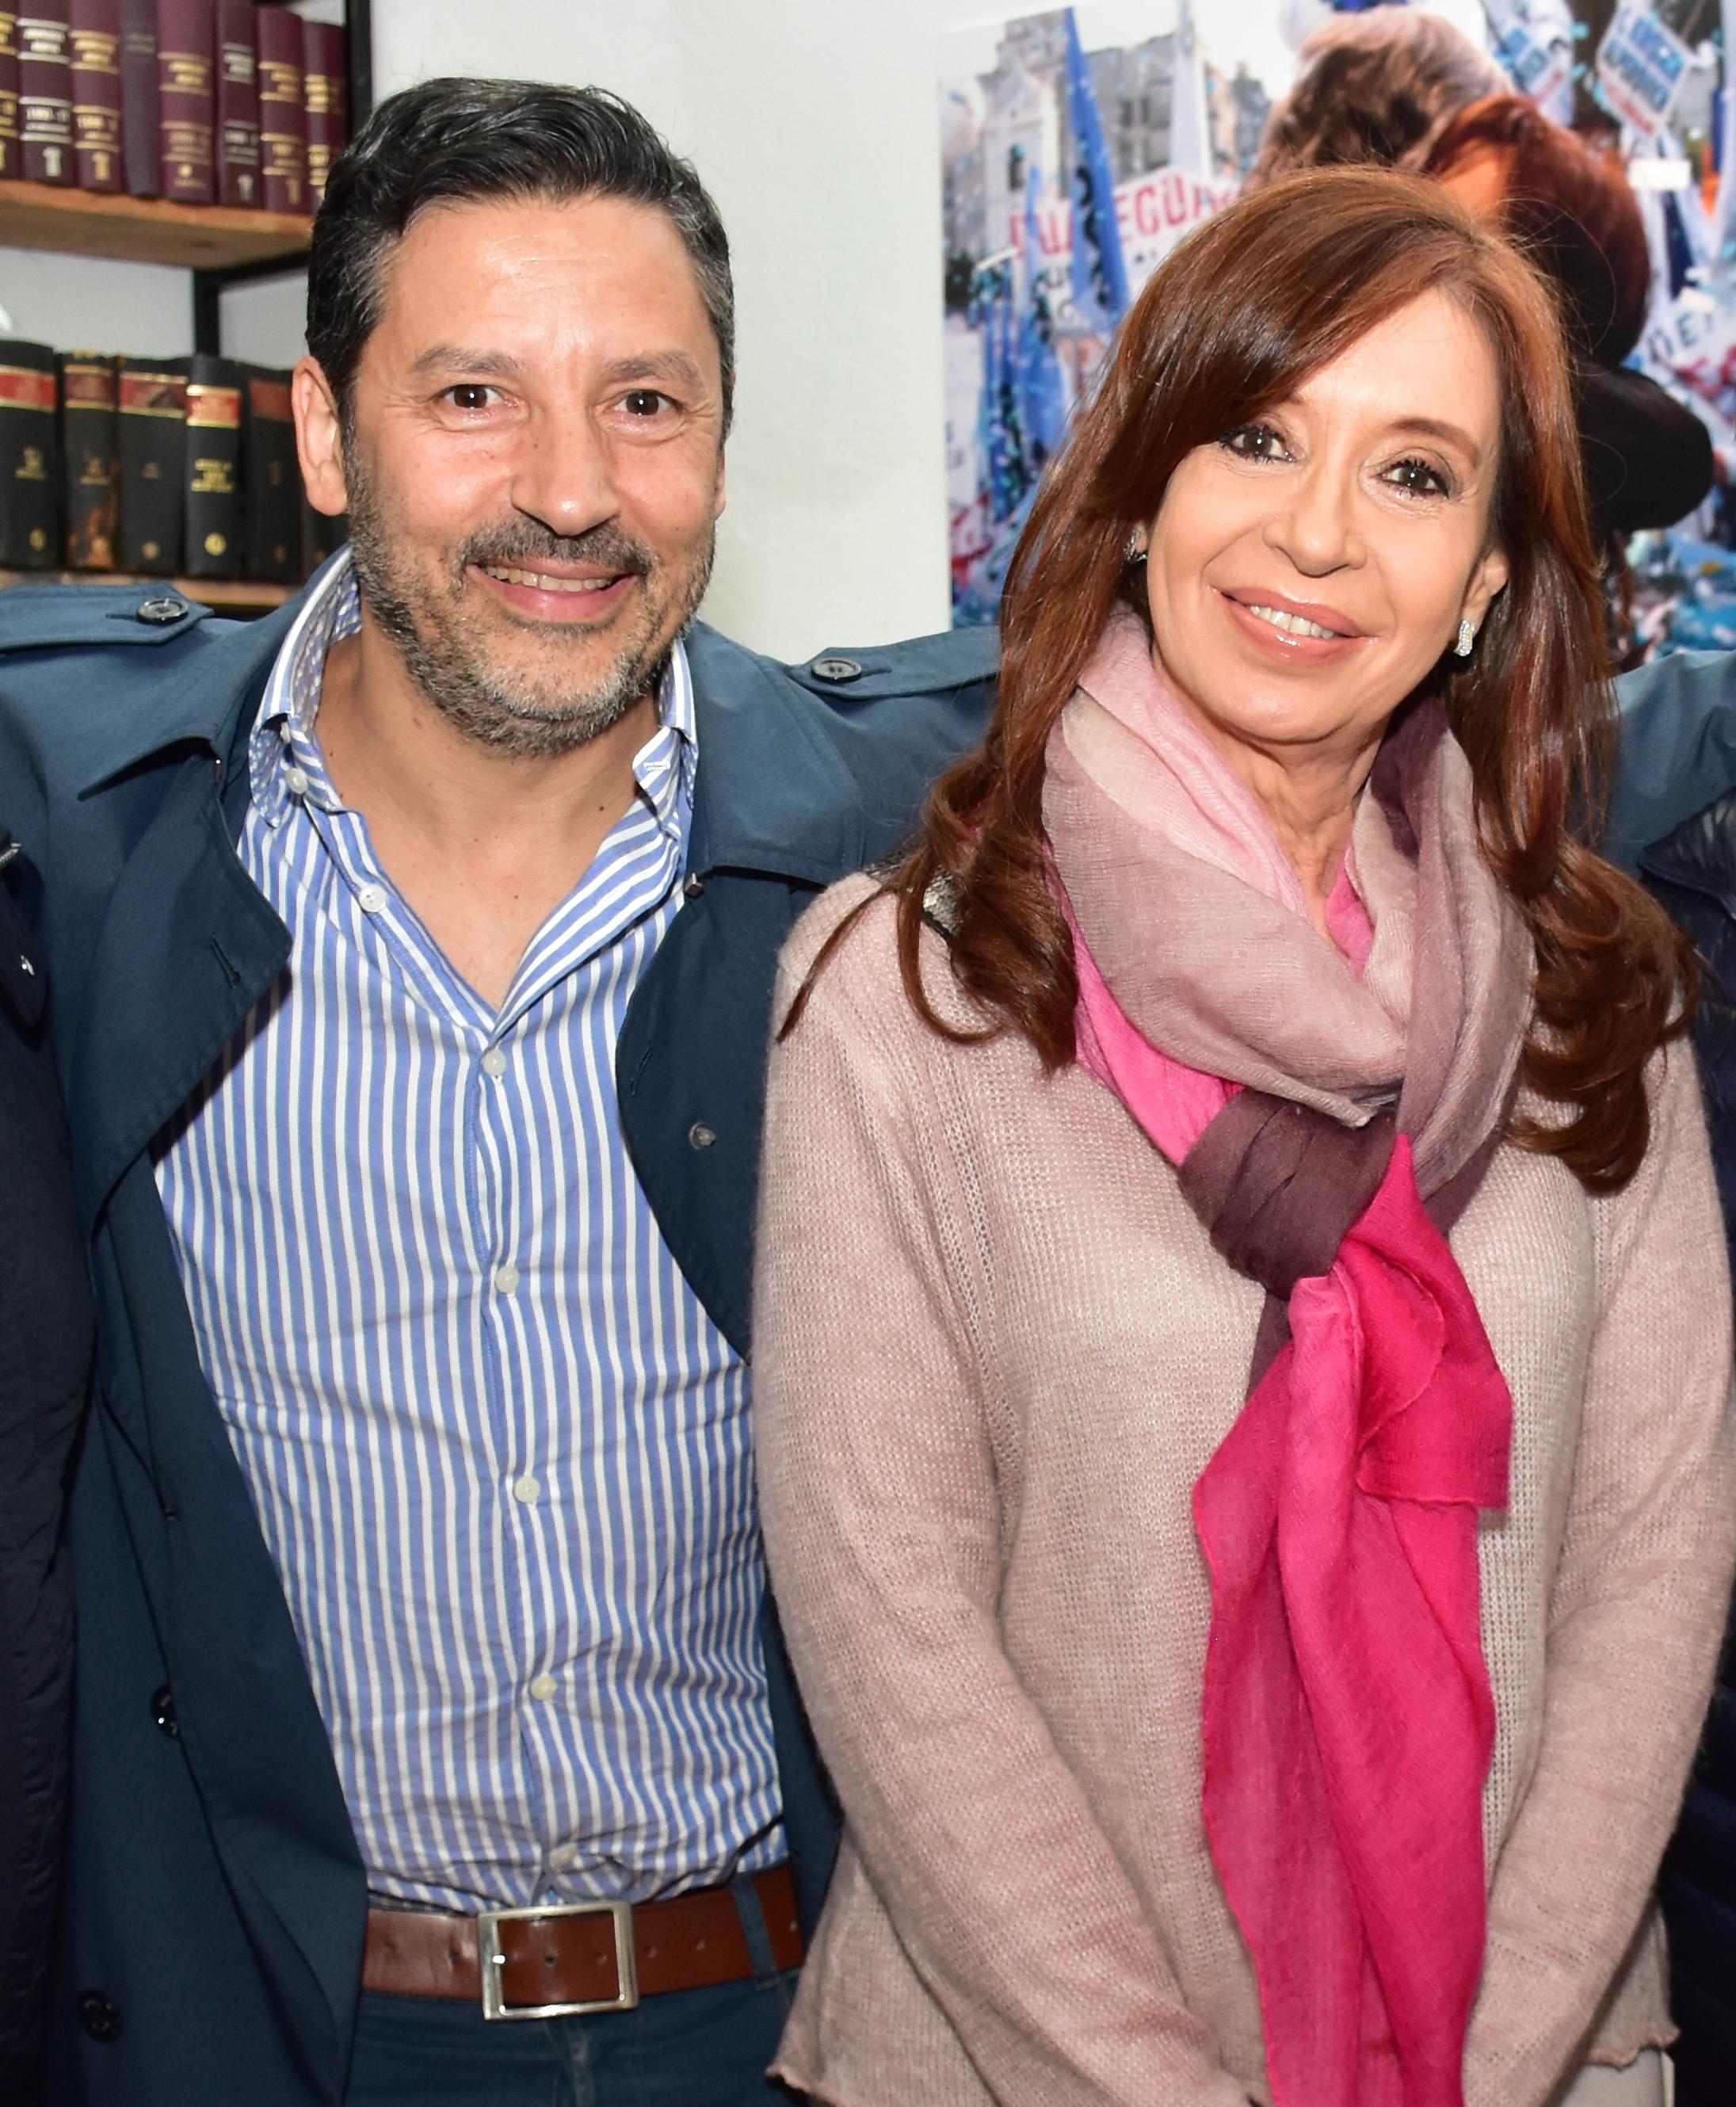 La fórmula Fernández-Fernández llega a Merlo el 25 de Mayo para homenajear a Néstor Kirchner